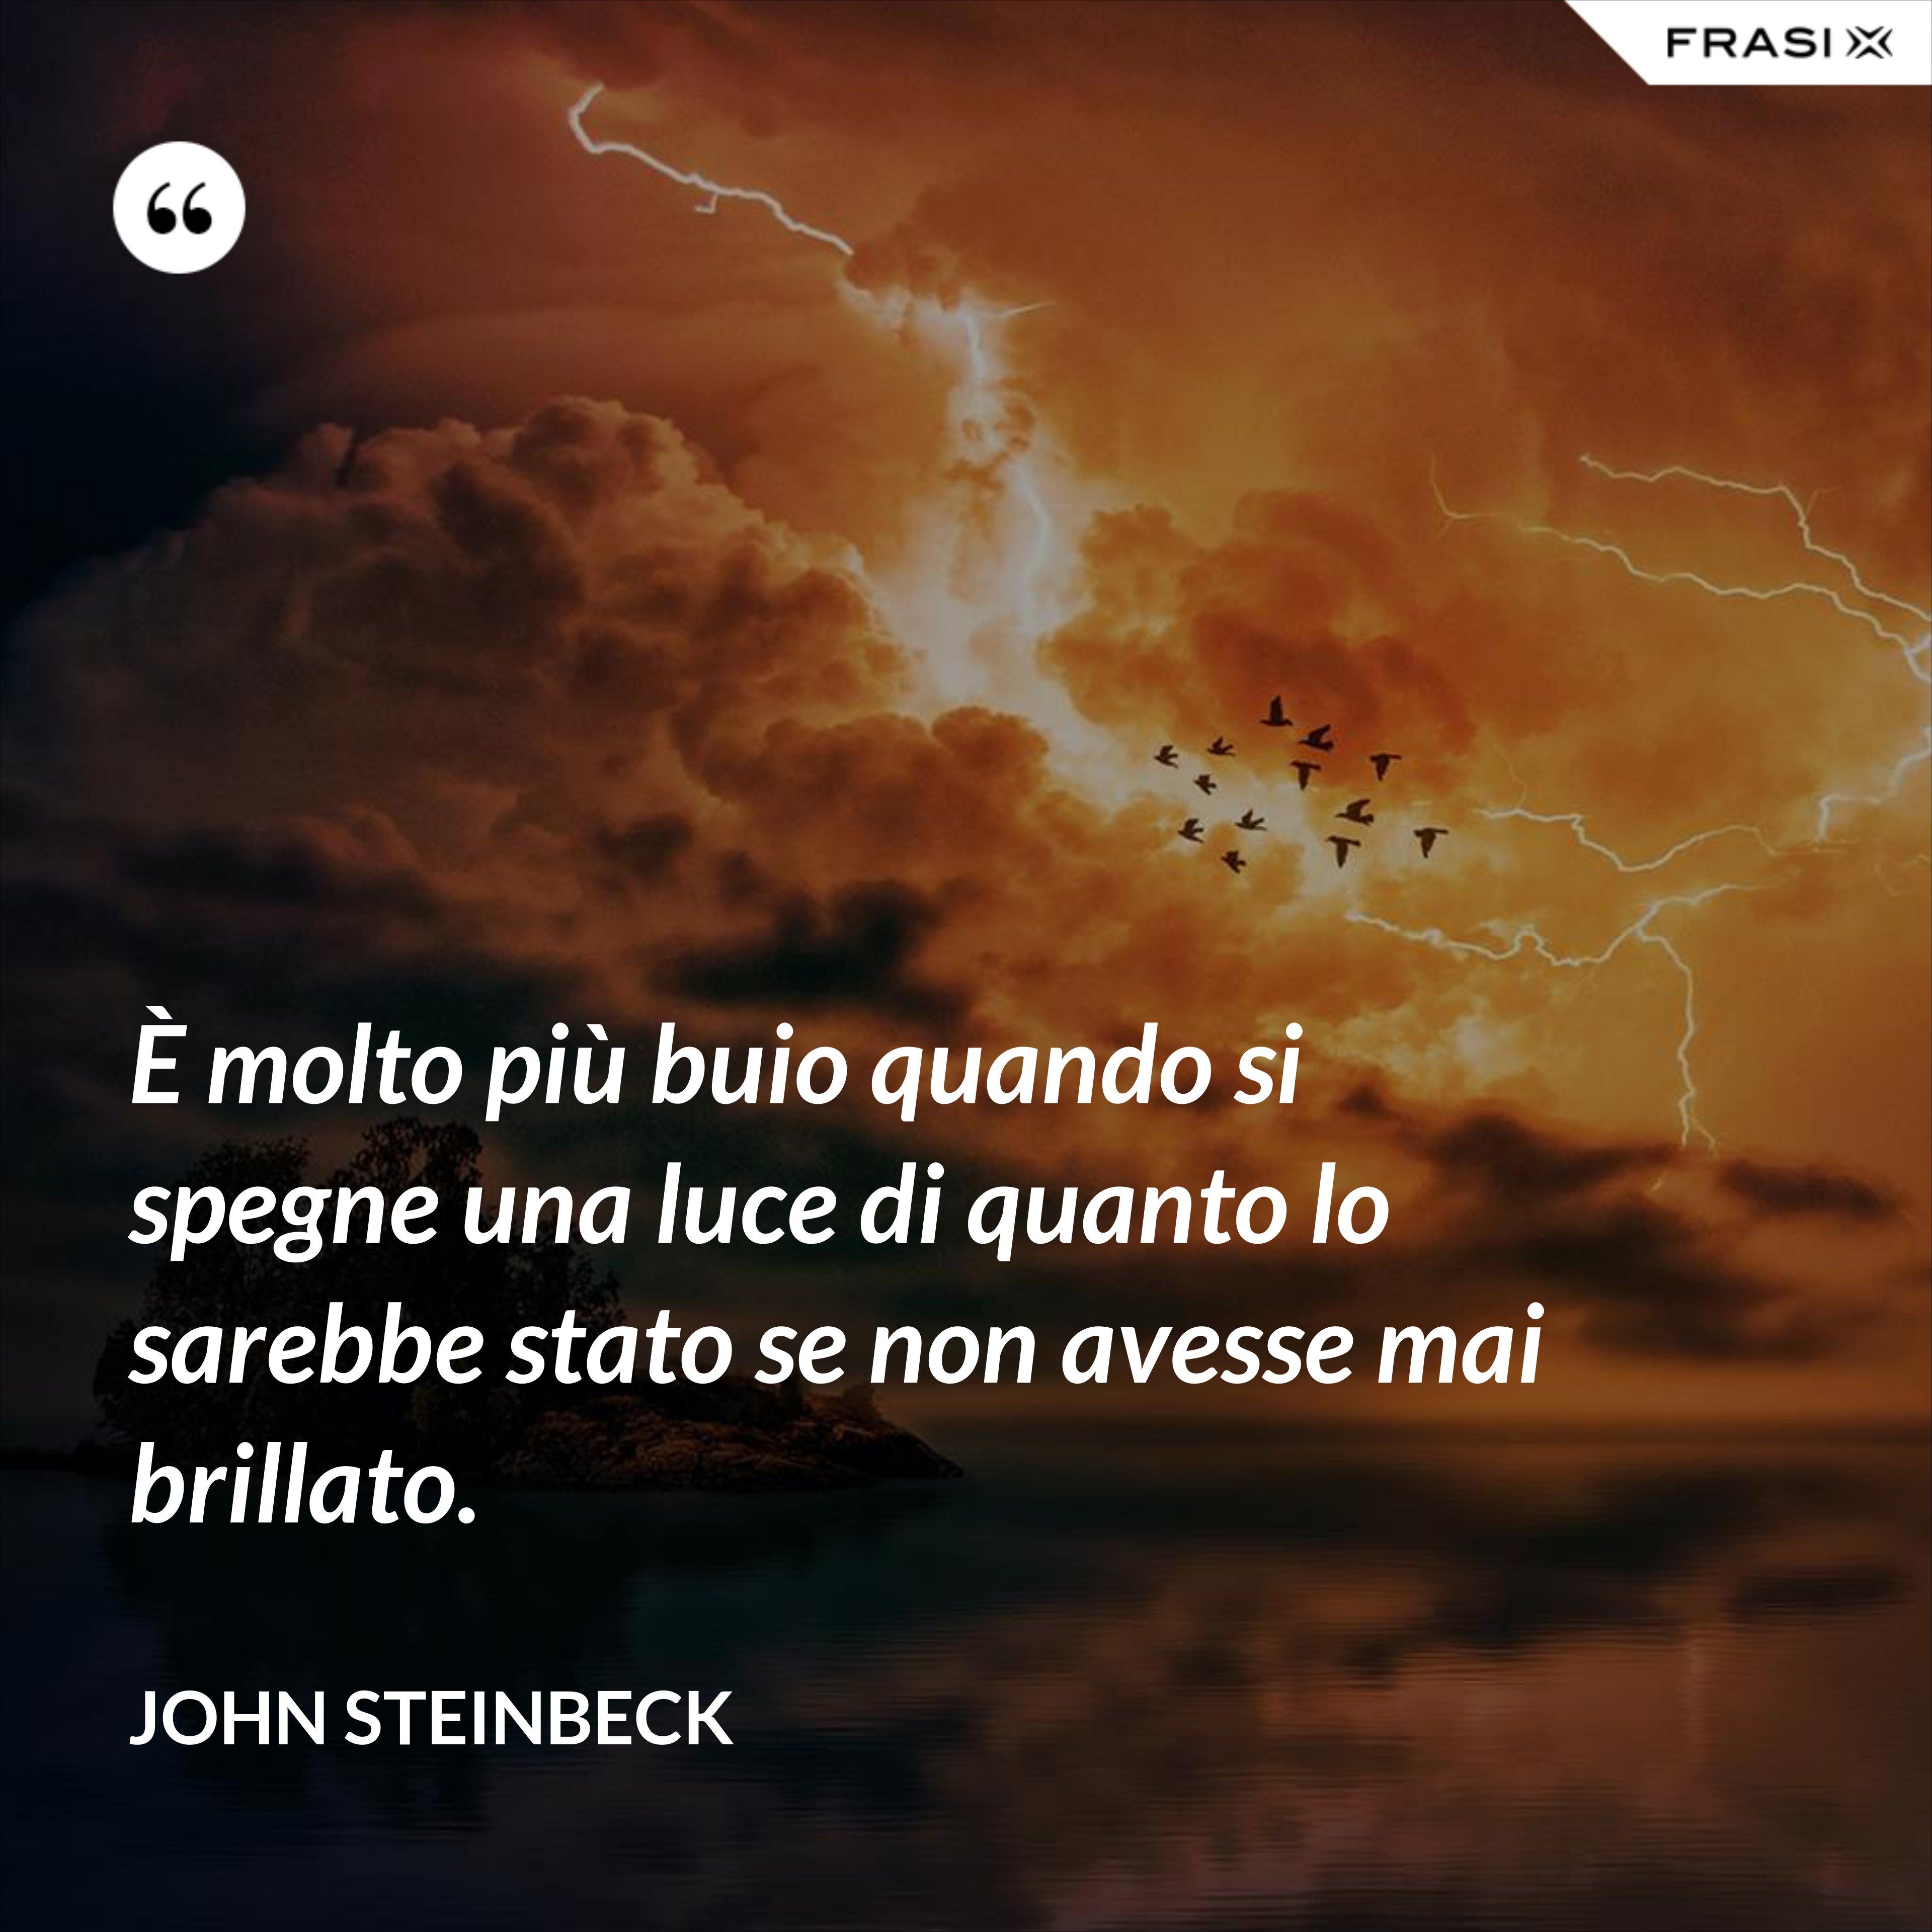 È molto più buio quando si spegne una luce di quanto lo sarebbe stato se non avesse mai brillato. - John Steinbeck